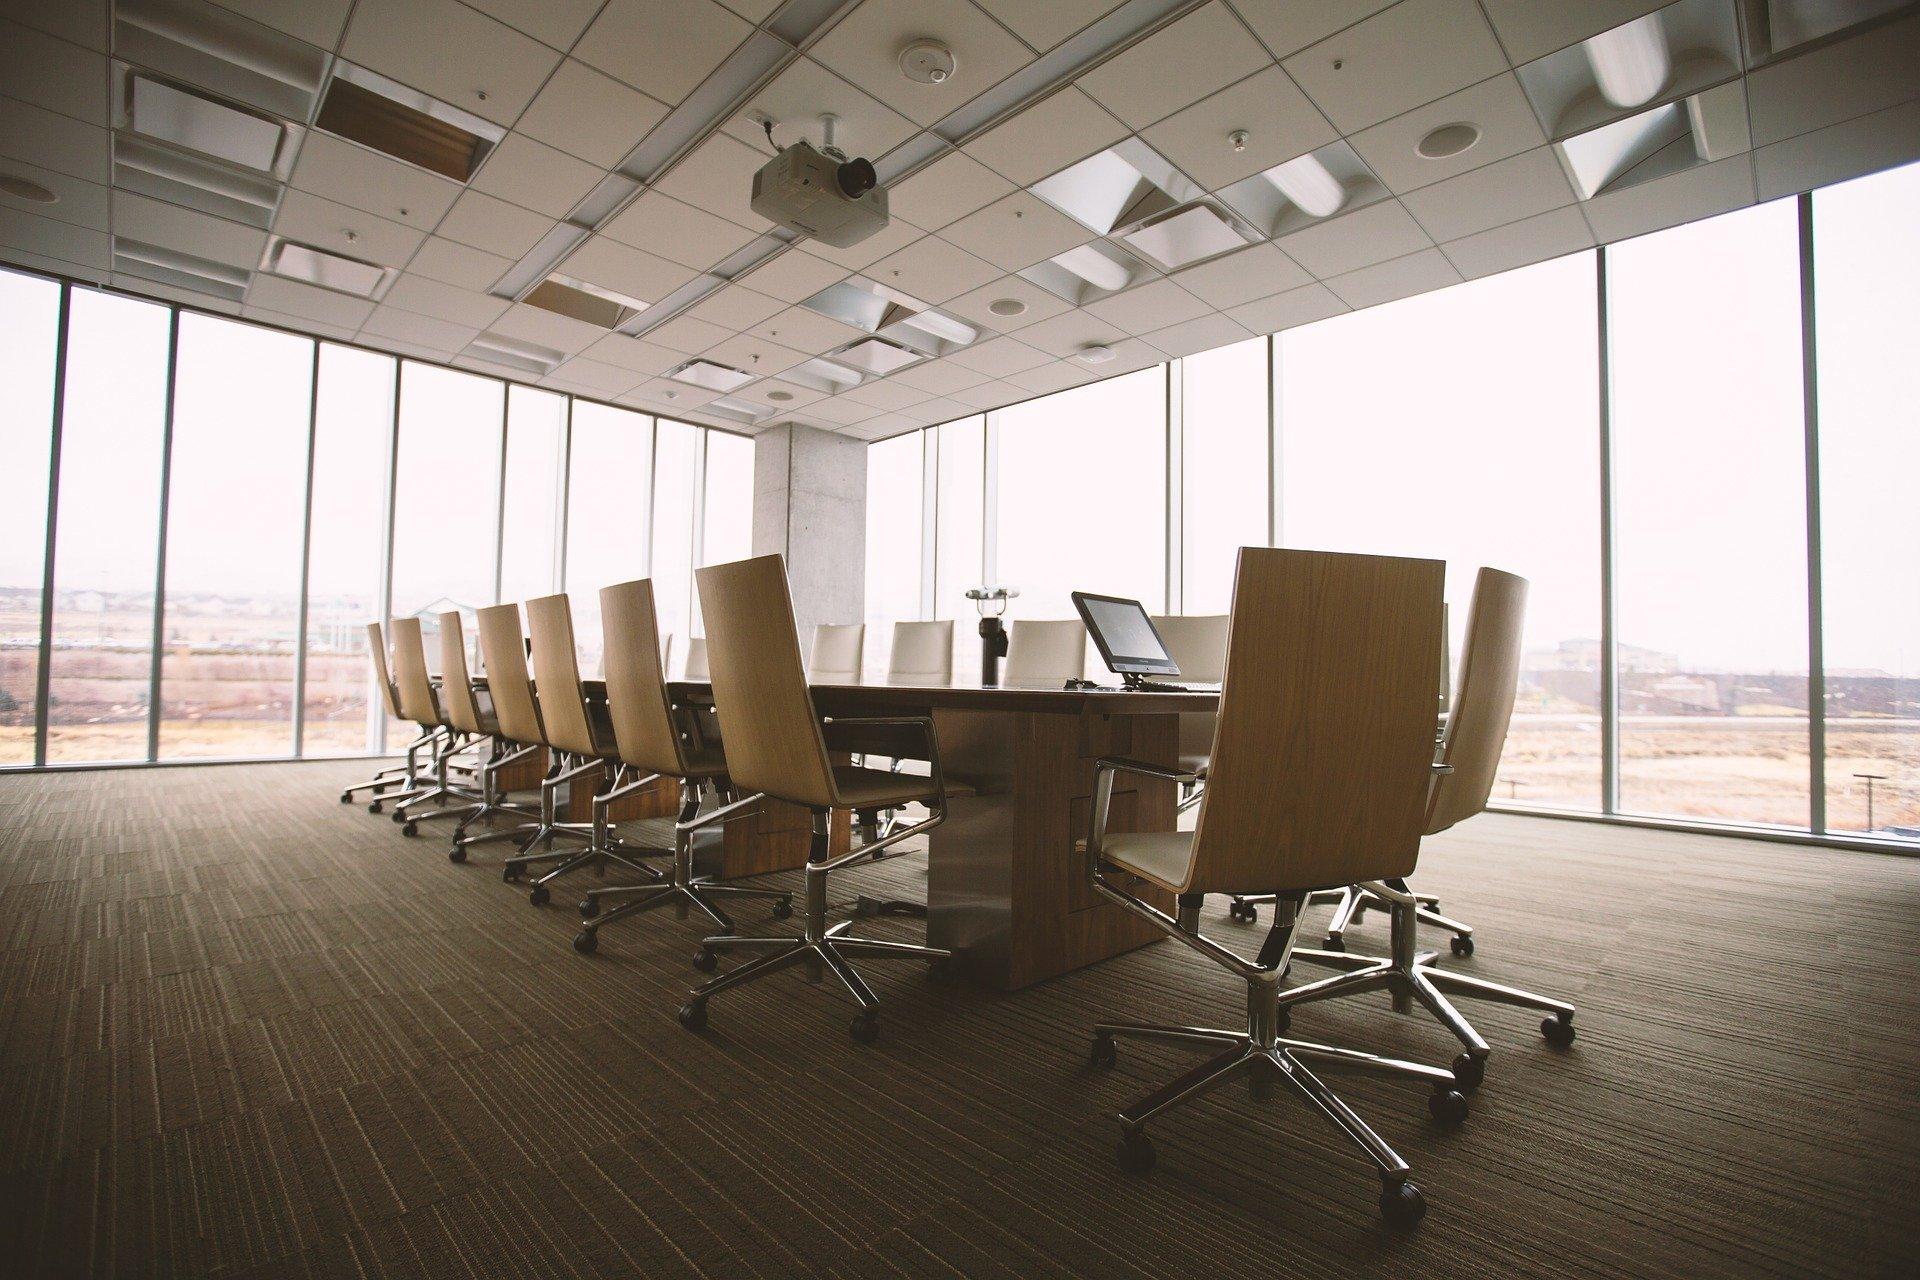 PHTA Announces 2021 Board of Directors